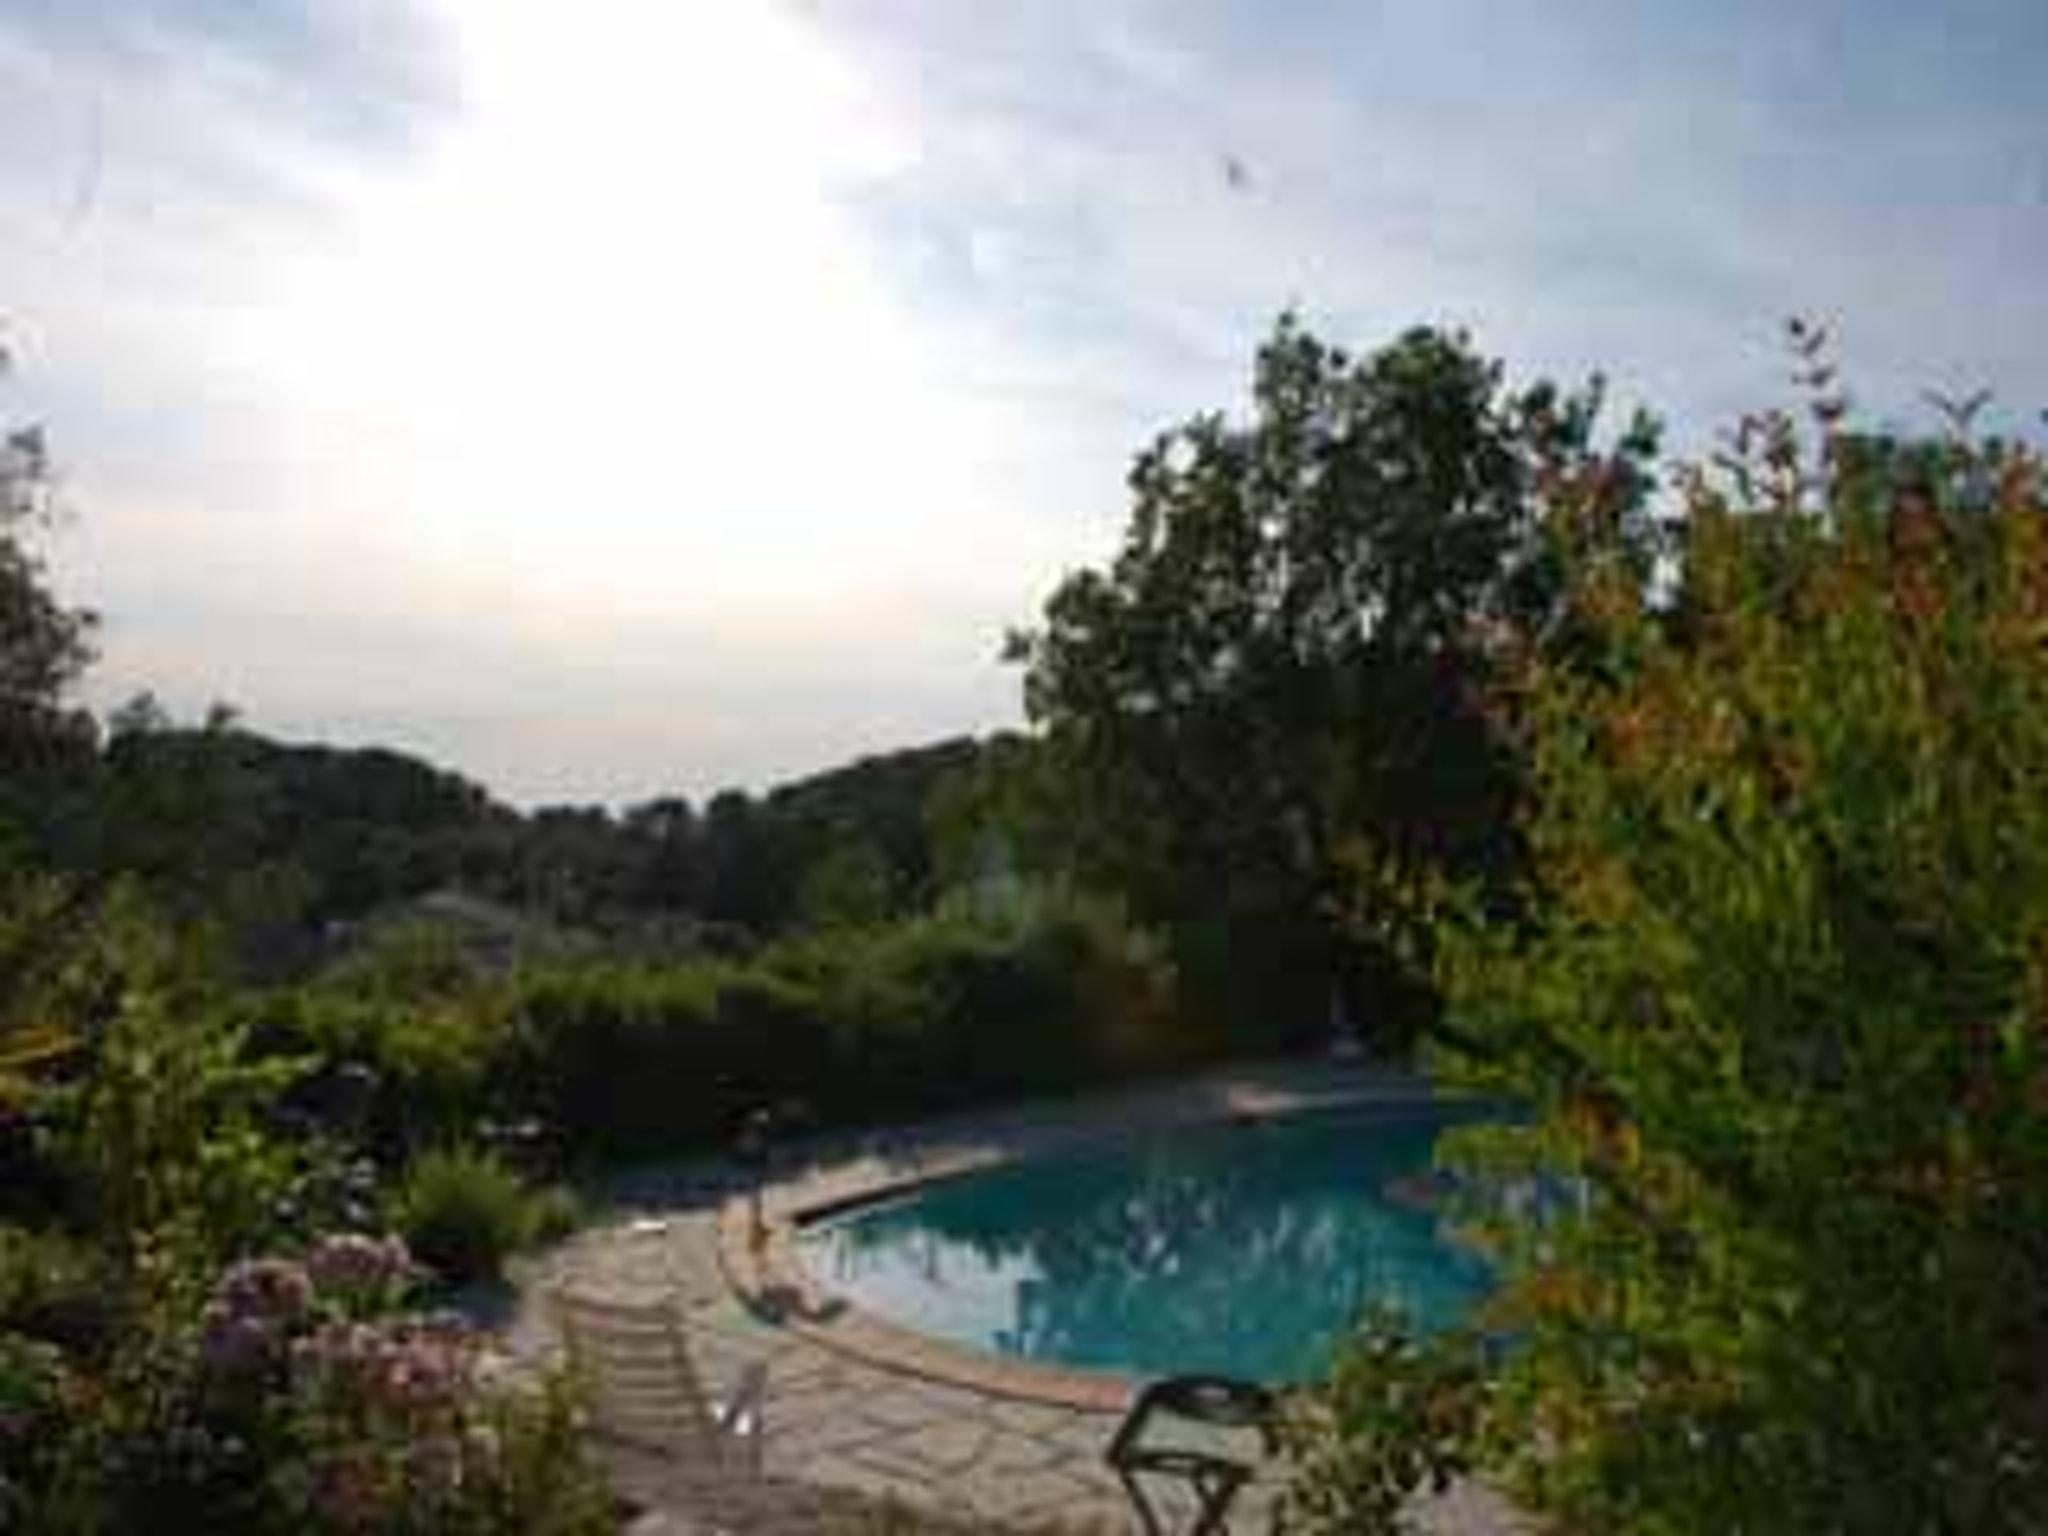 Ferienhaus Villa mit 4 Schlafzimmern in Pernes-les-Fontaines mit toller Aussicht auf die Berge, priva (2519446), Pernes les Fontaines, Saône-et-Loire, Burgund, Frankreich, Bild 28